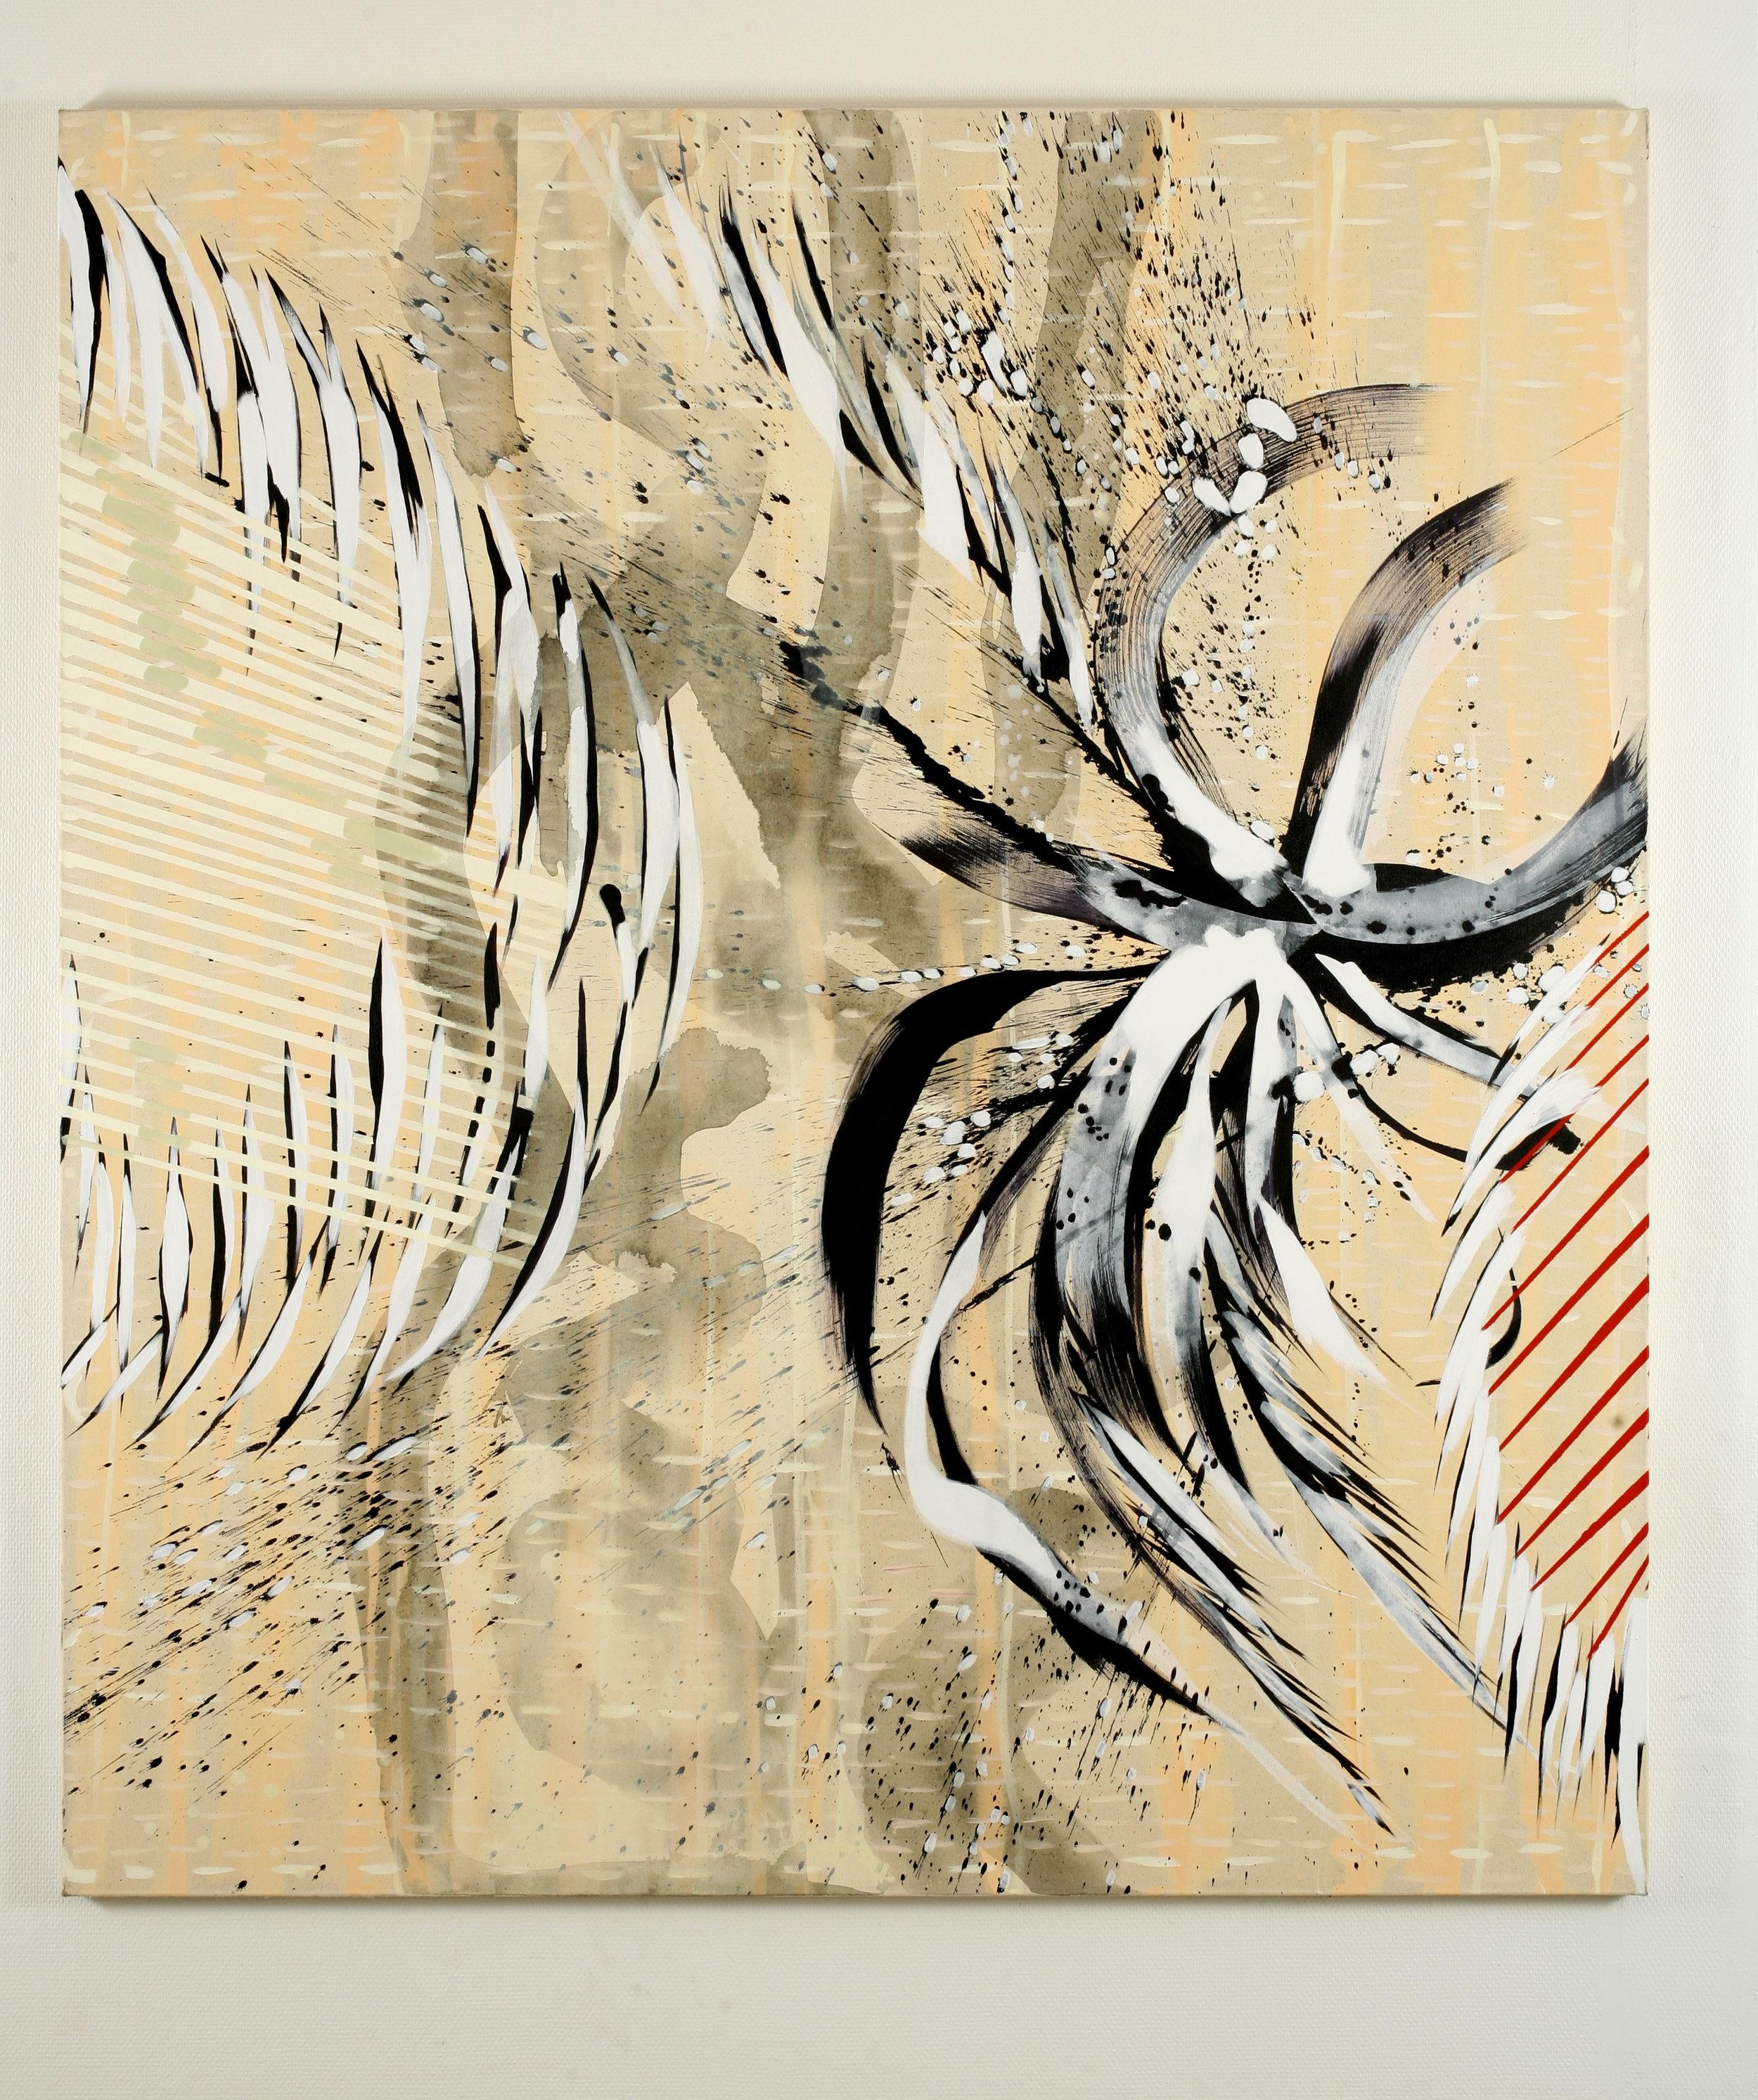 Temperamental meditation 1 – 180x160cm – acrylic on canvas – 2007